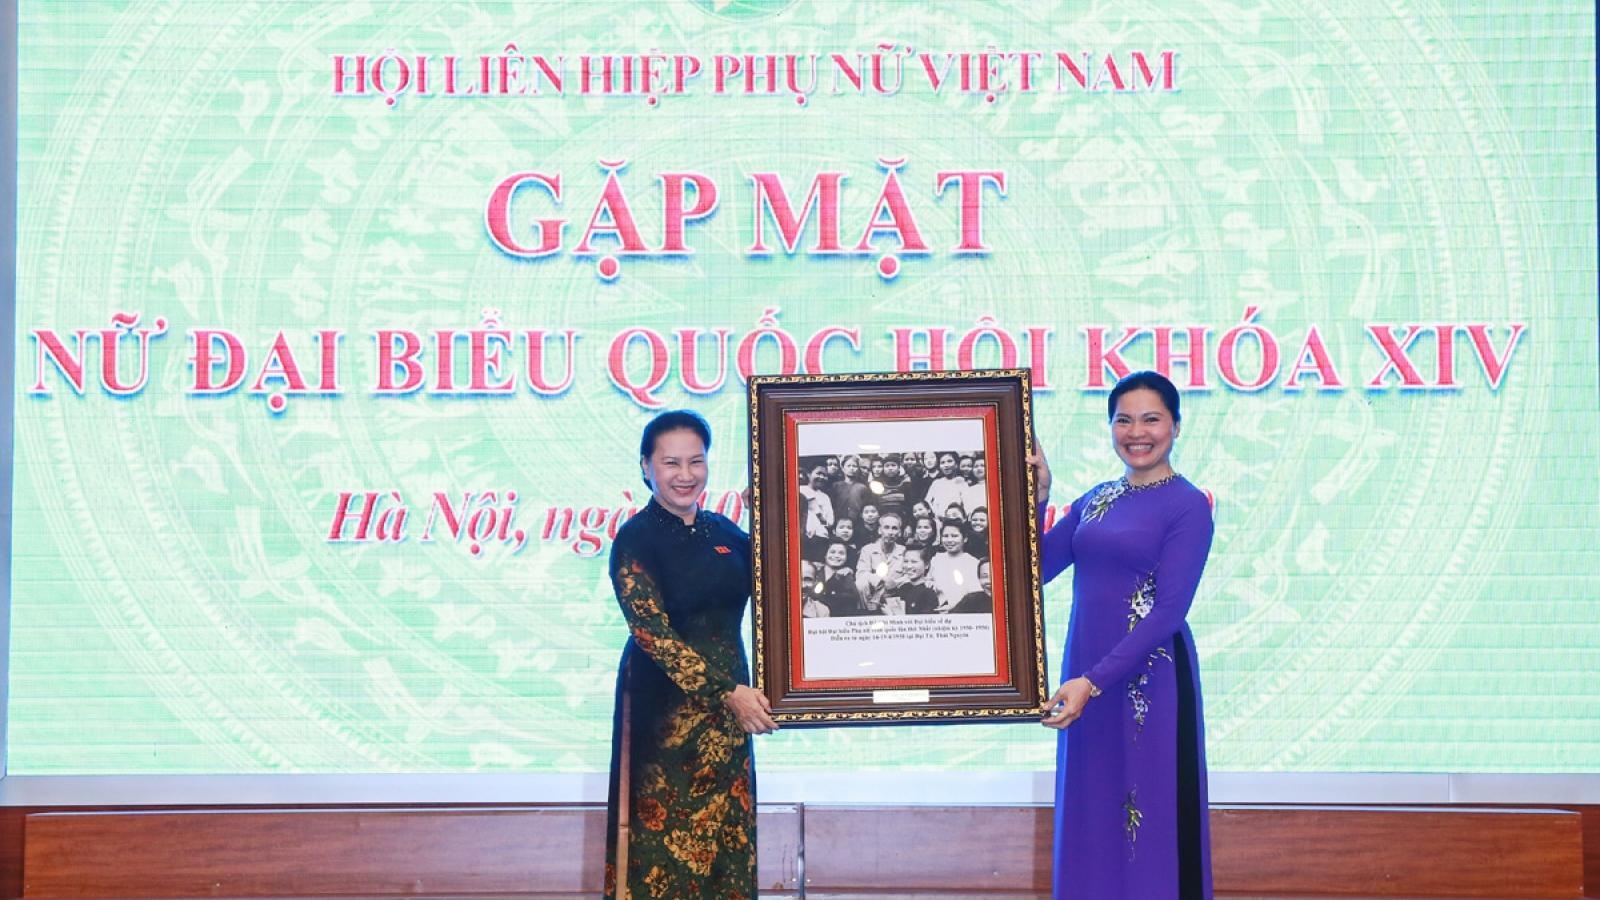 Thủ tướng, Chủ tịch Quốc hội dự buổi gặp mặt nữ Đại biểu Quốc hội